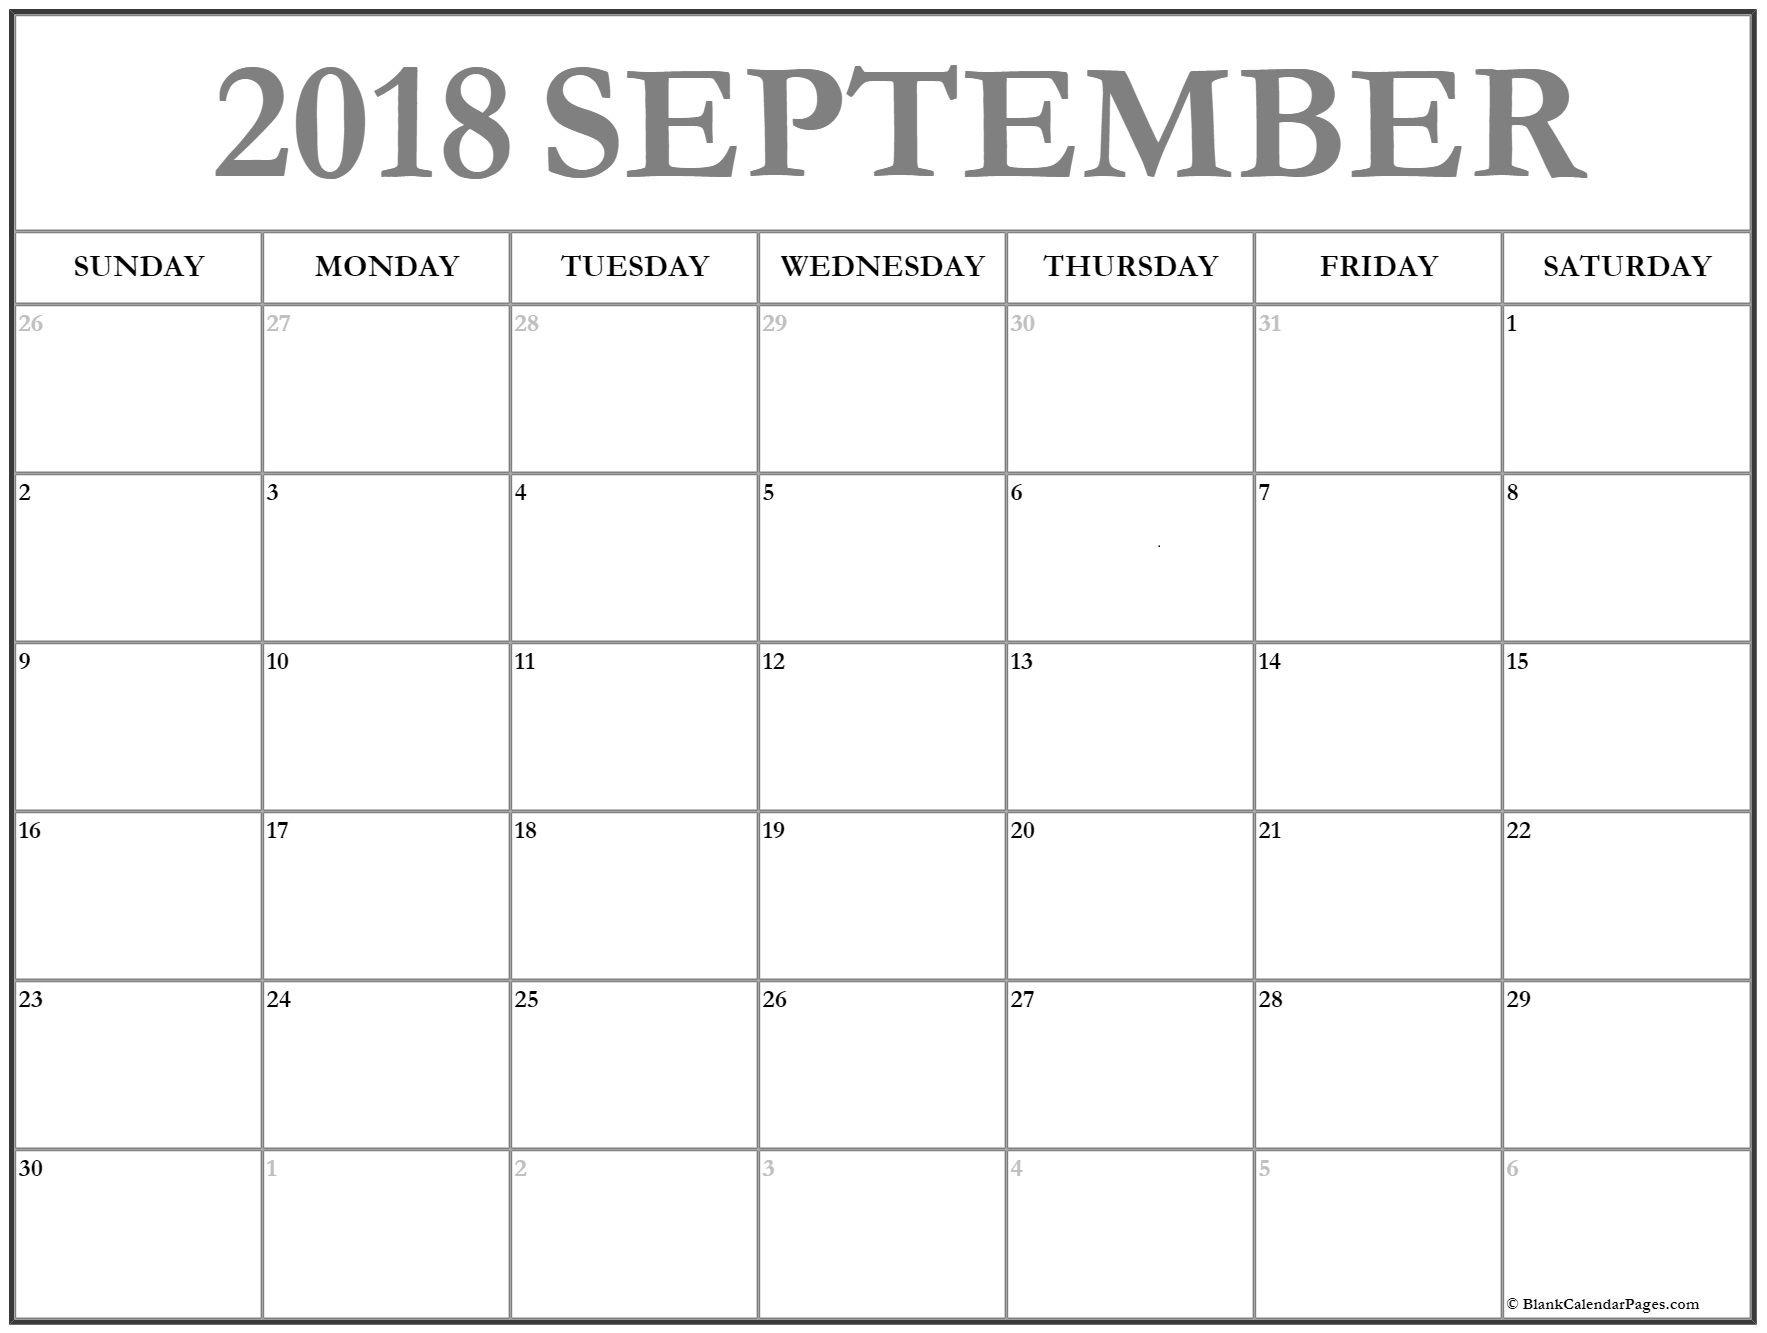 Calendar 2018 #september September Calendar 2018 #printable And Free intended for Blank Printable September Calendar